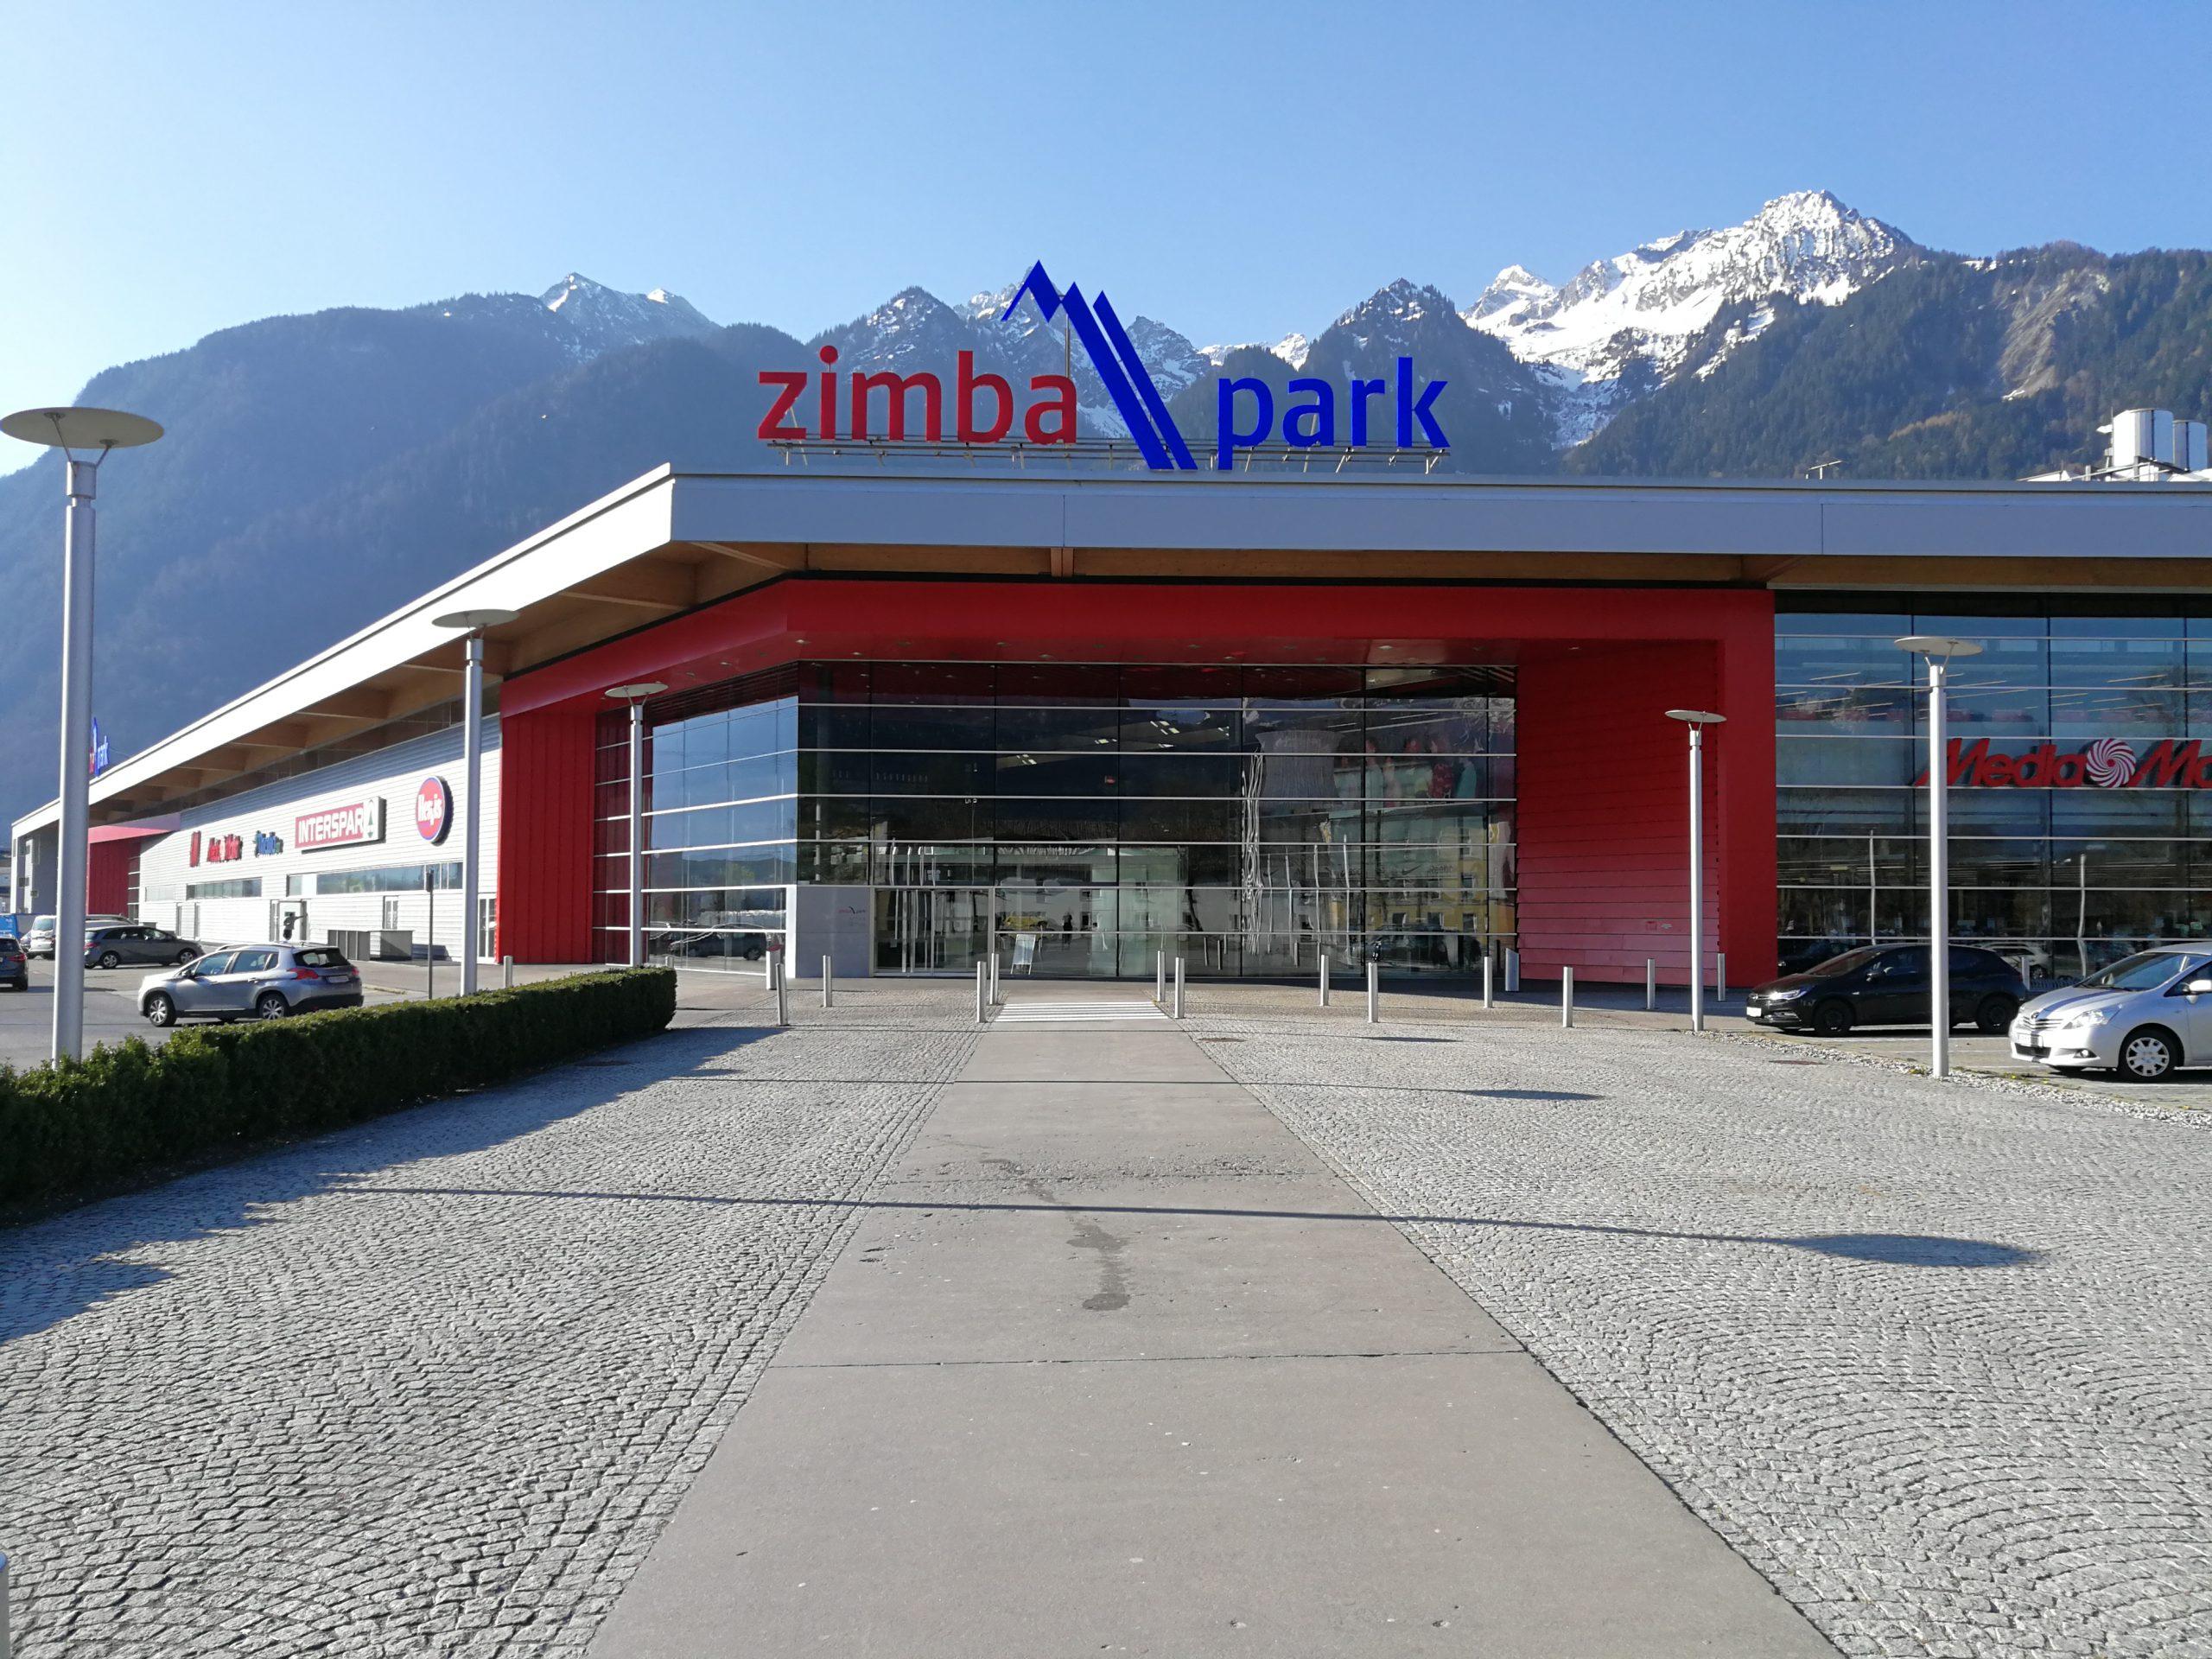 Zimbapark